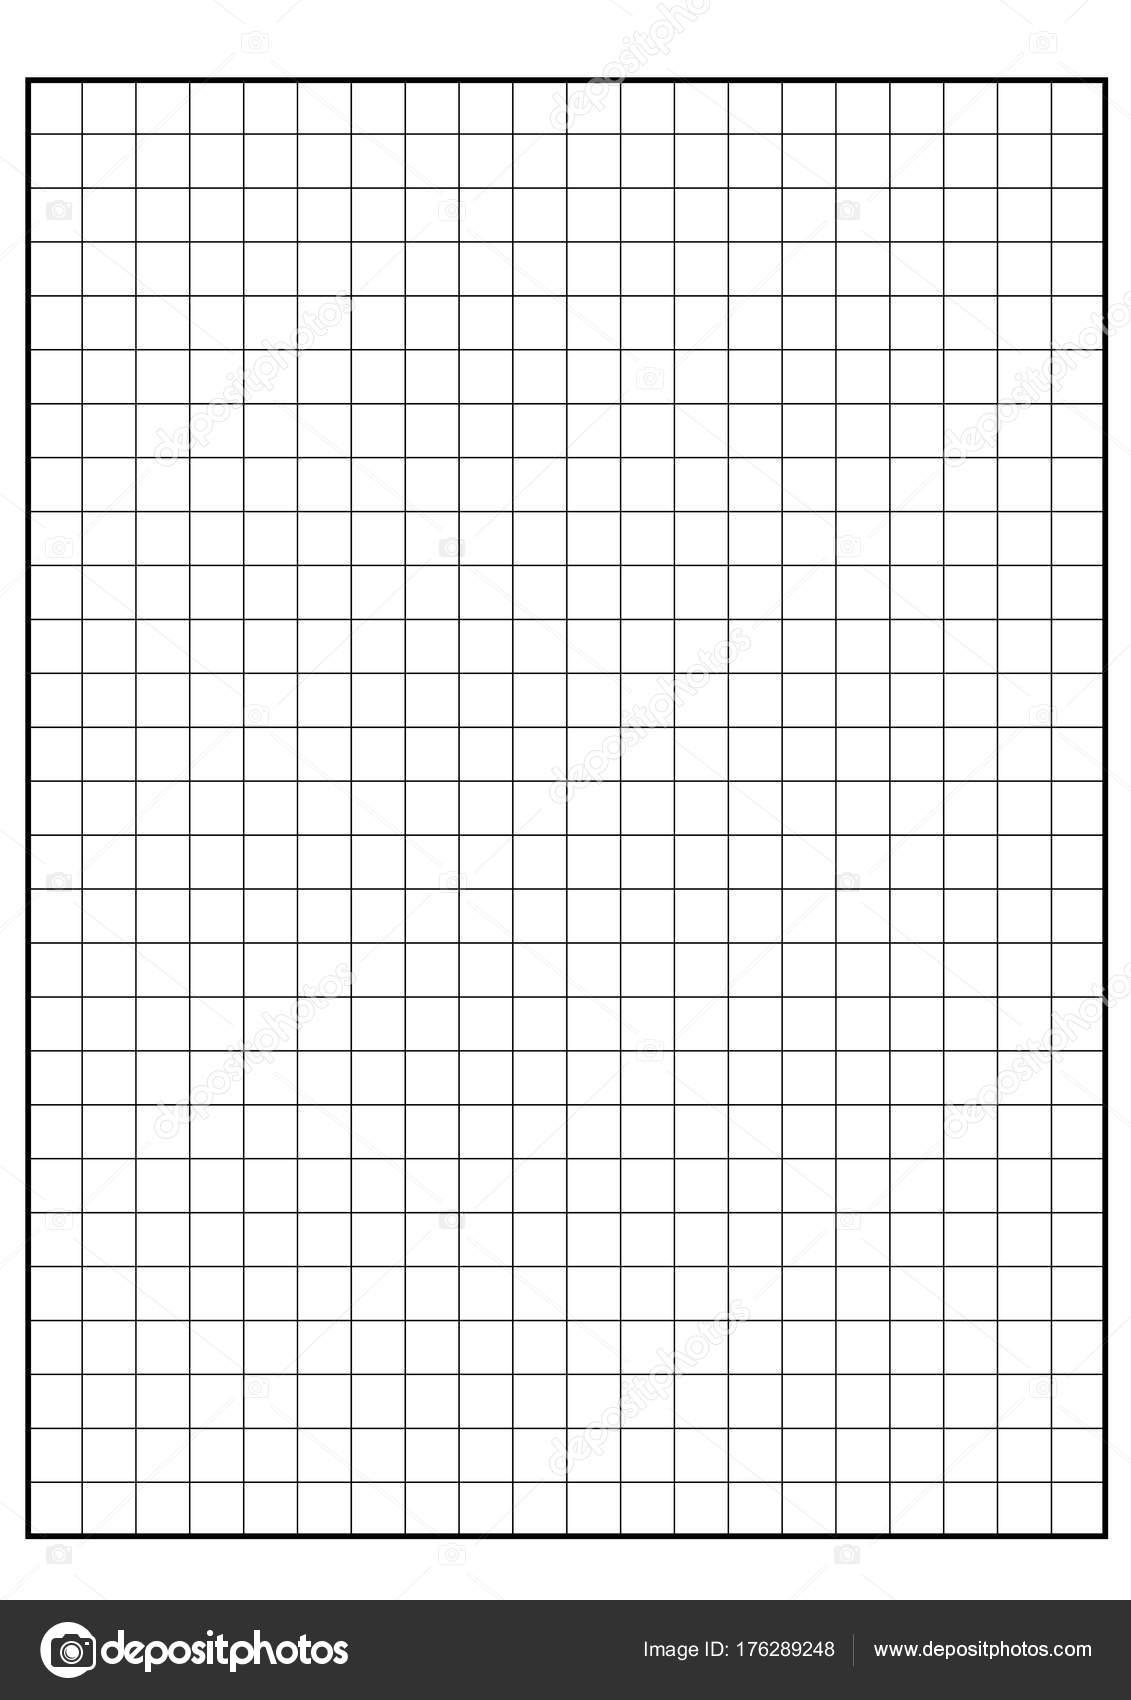 Papel Milimetrado Para Imprimir Papel Milimetrado